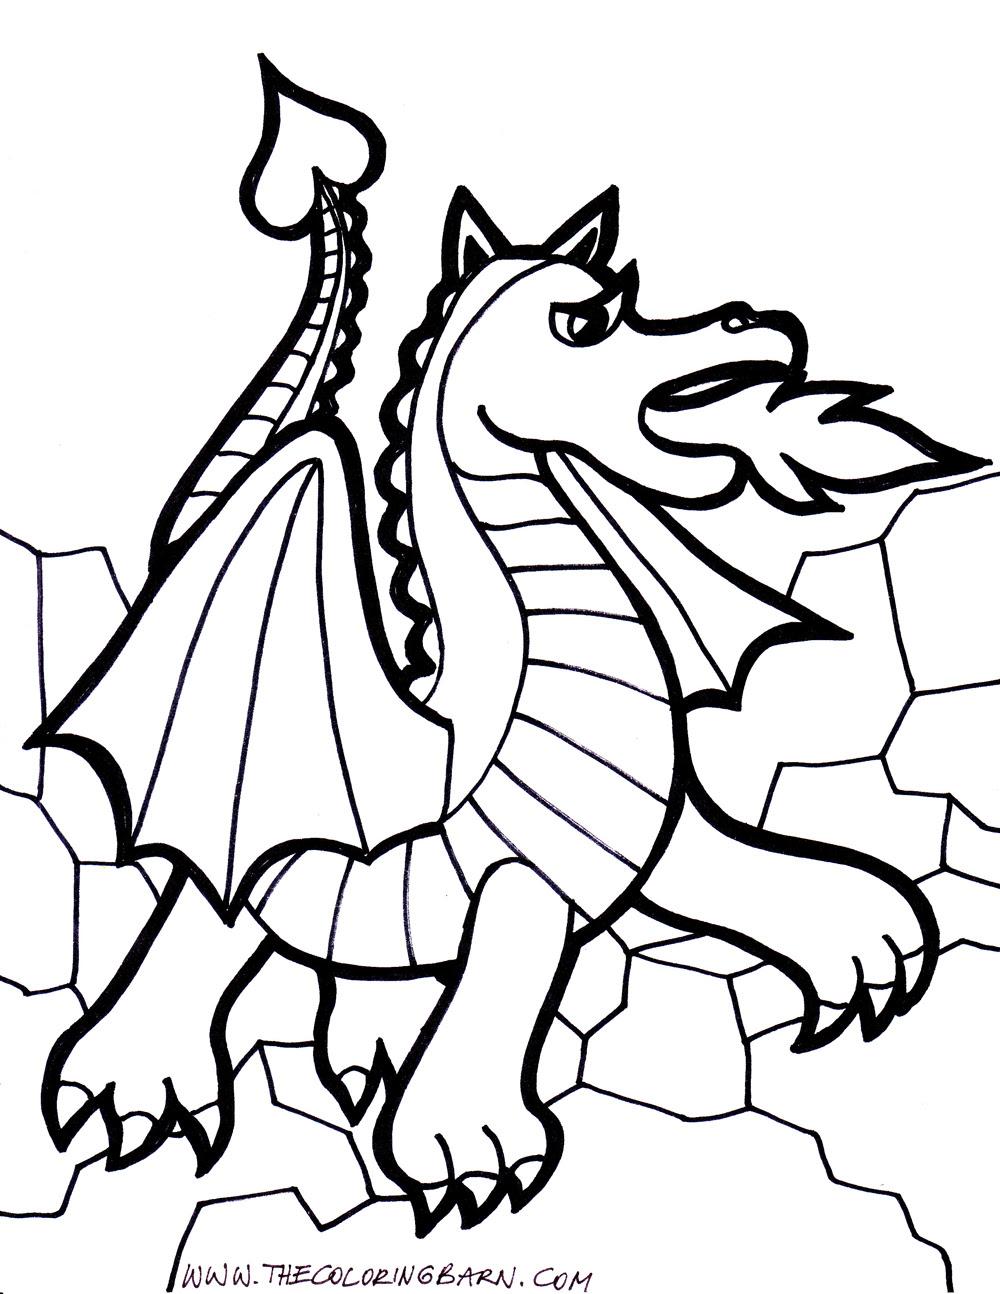 157 Dibujos De Dragones Para Colorear Oh Kids Page 8